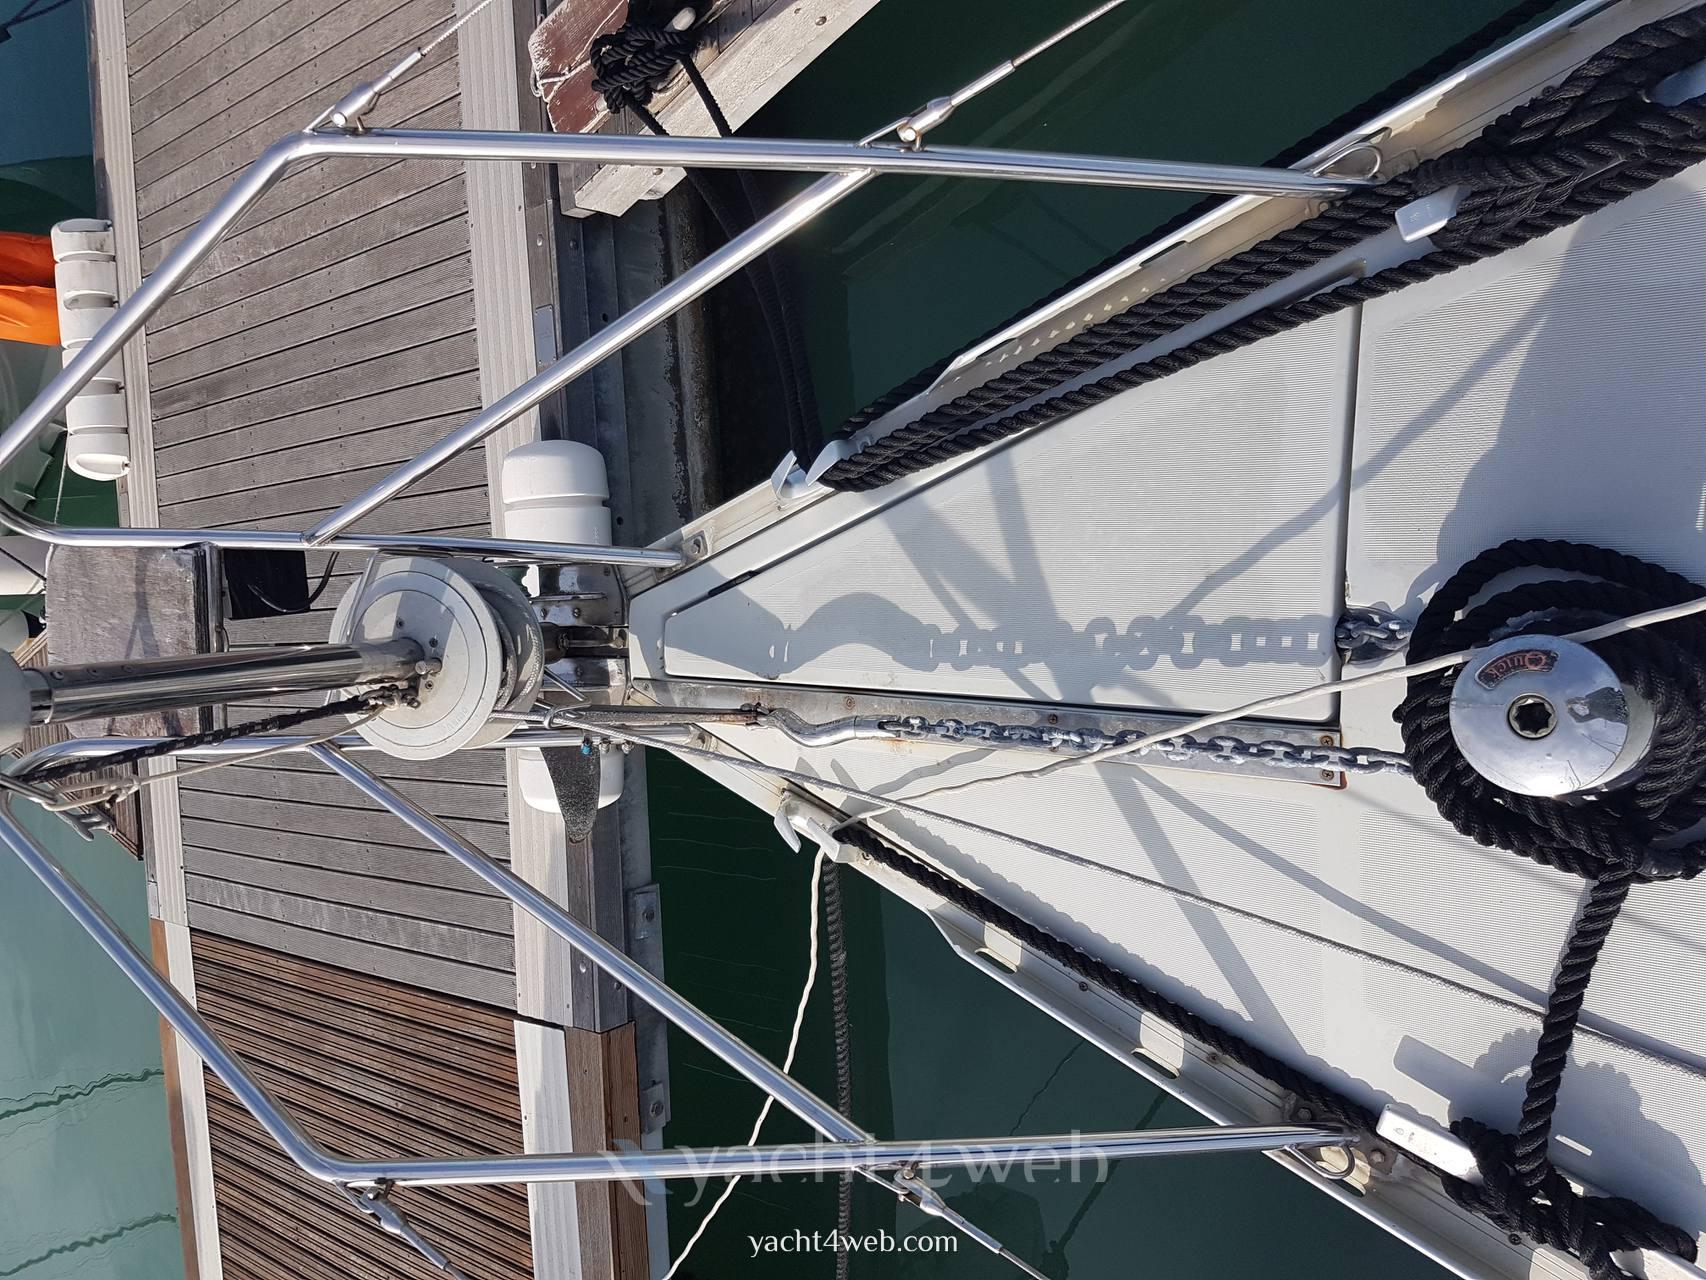 Comar Comet 12 Barca sportiva e da crociera usato